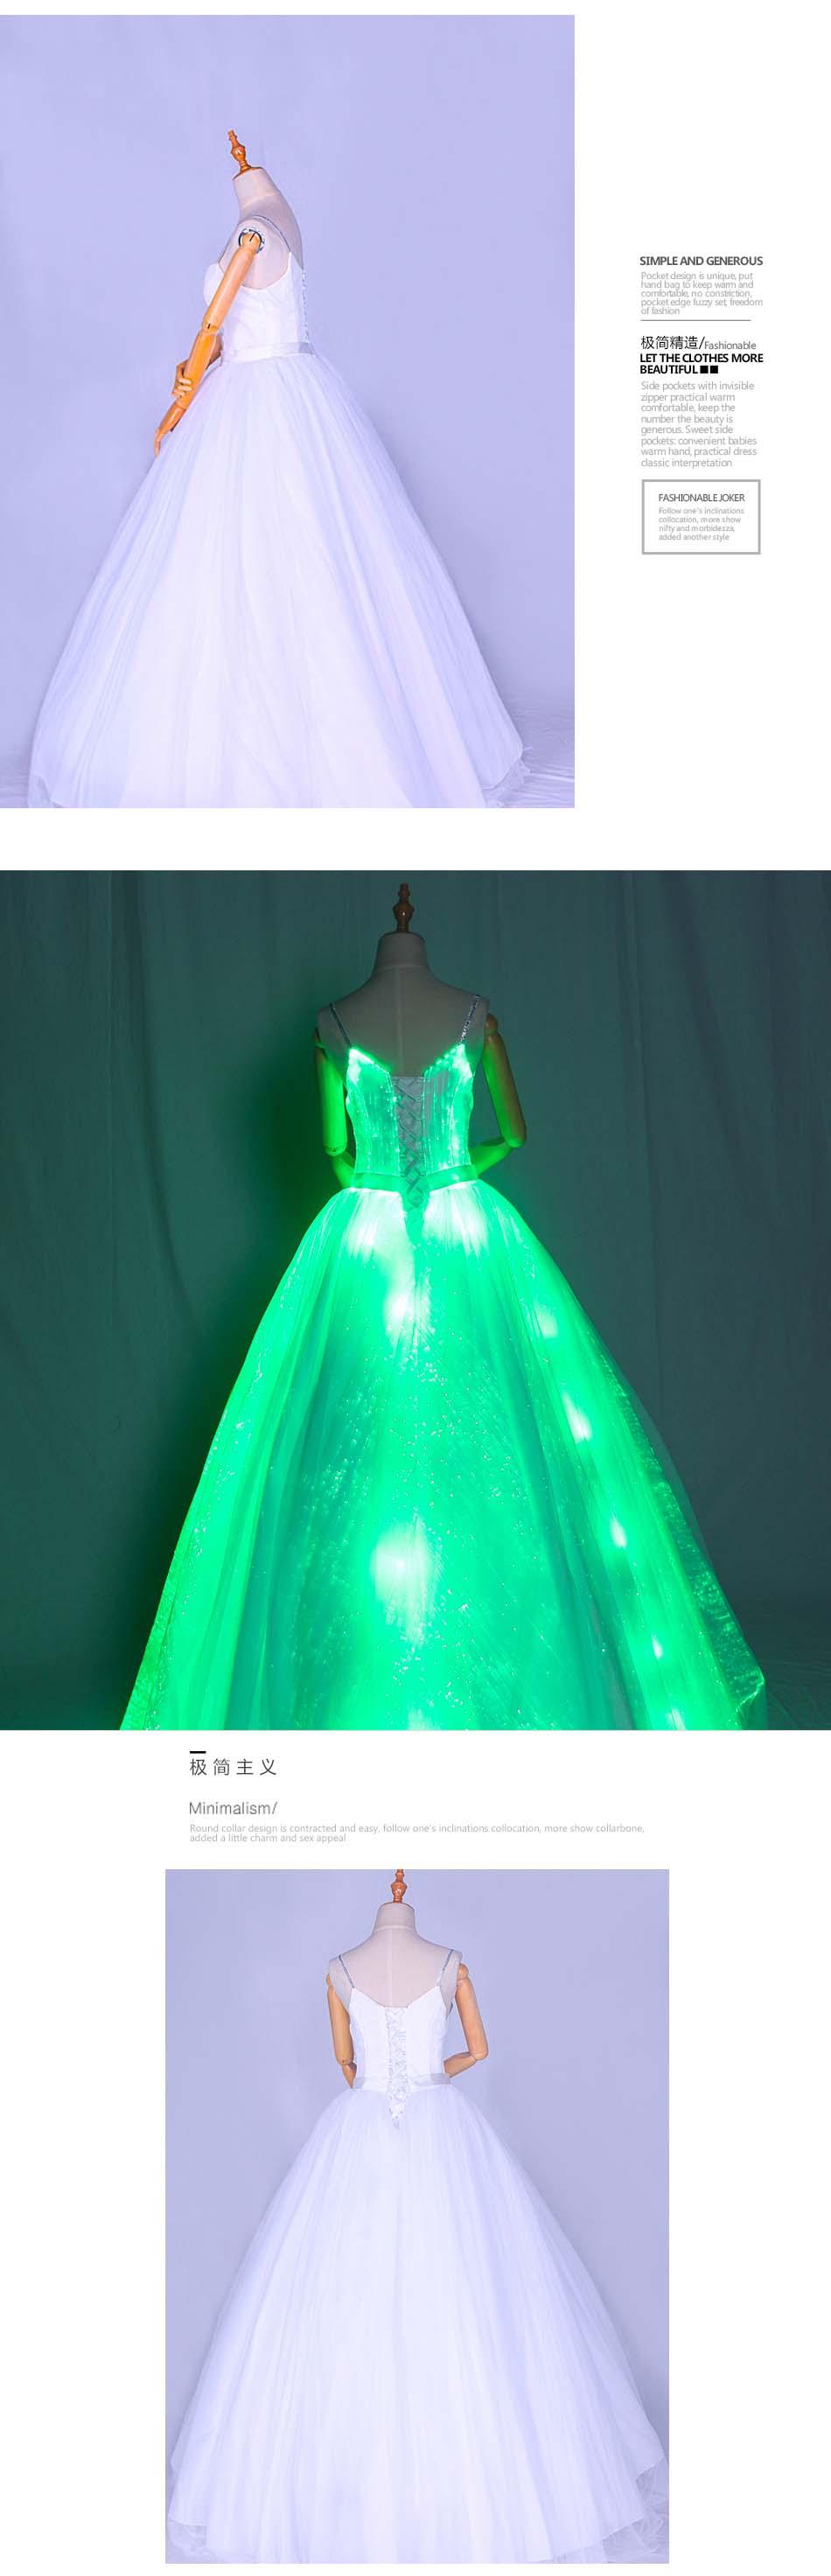 会发光的婚纱